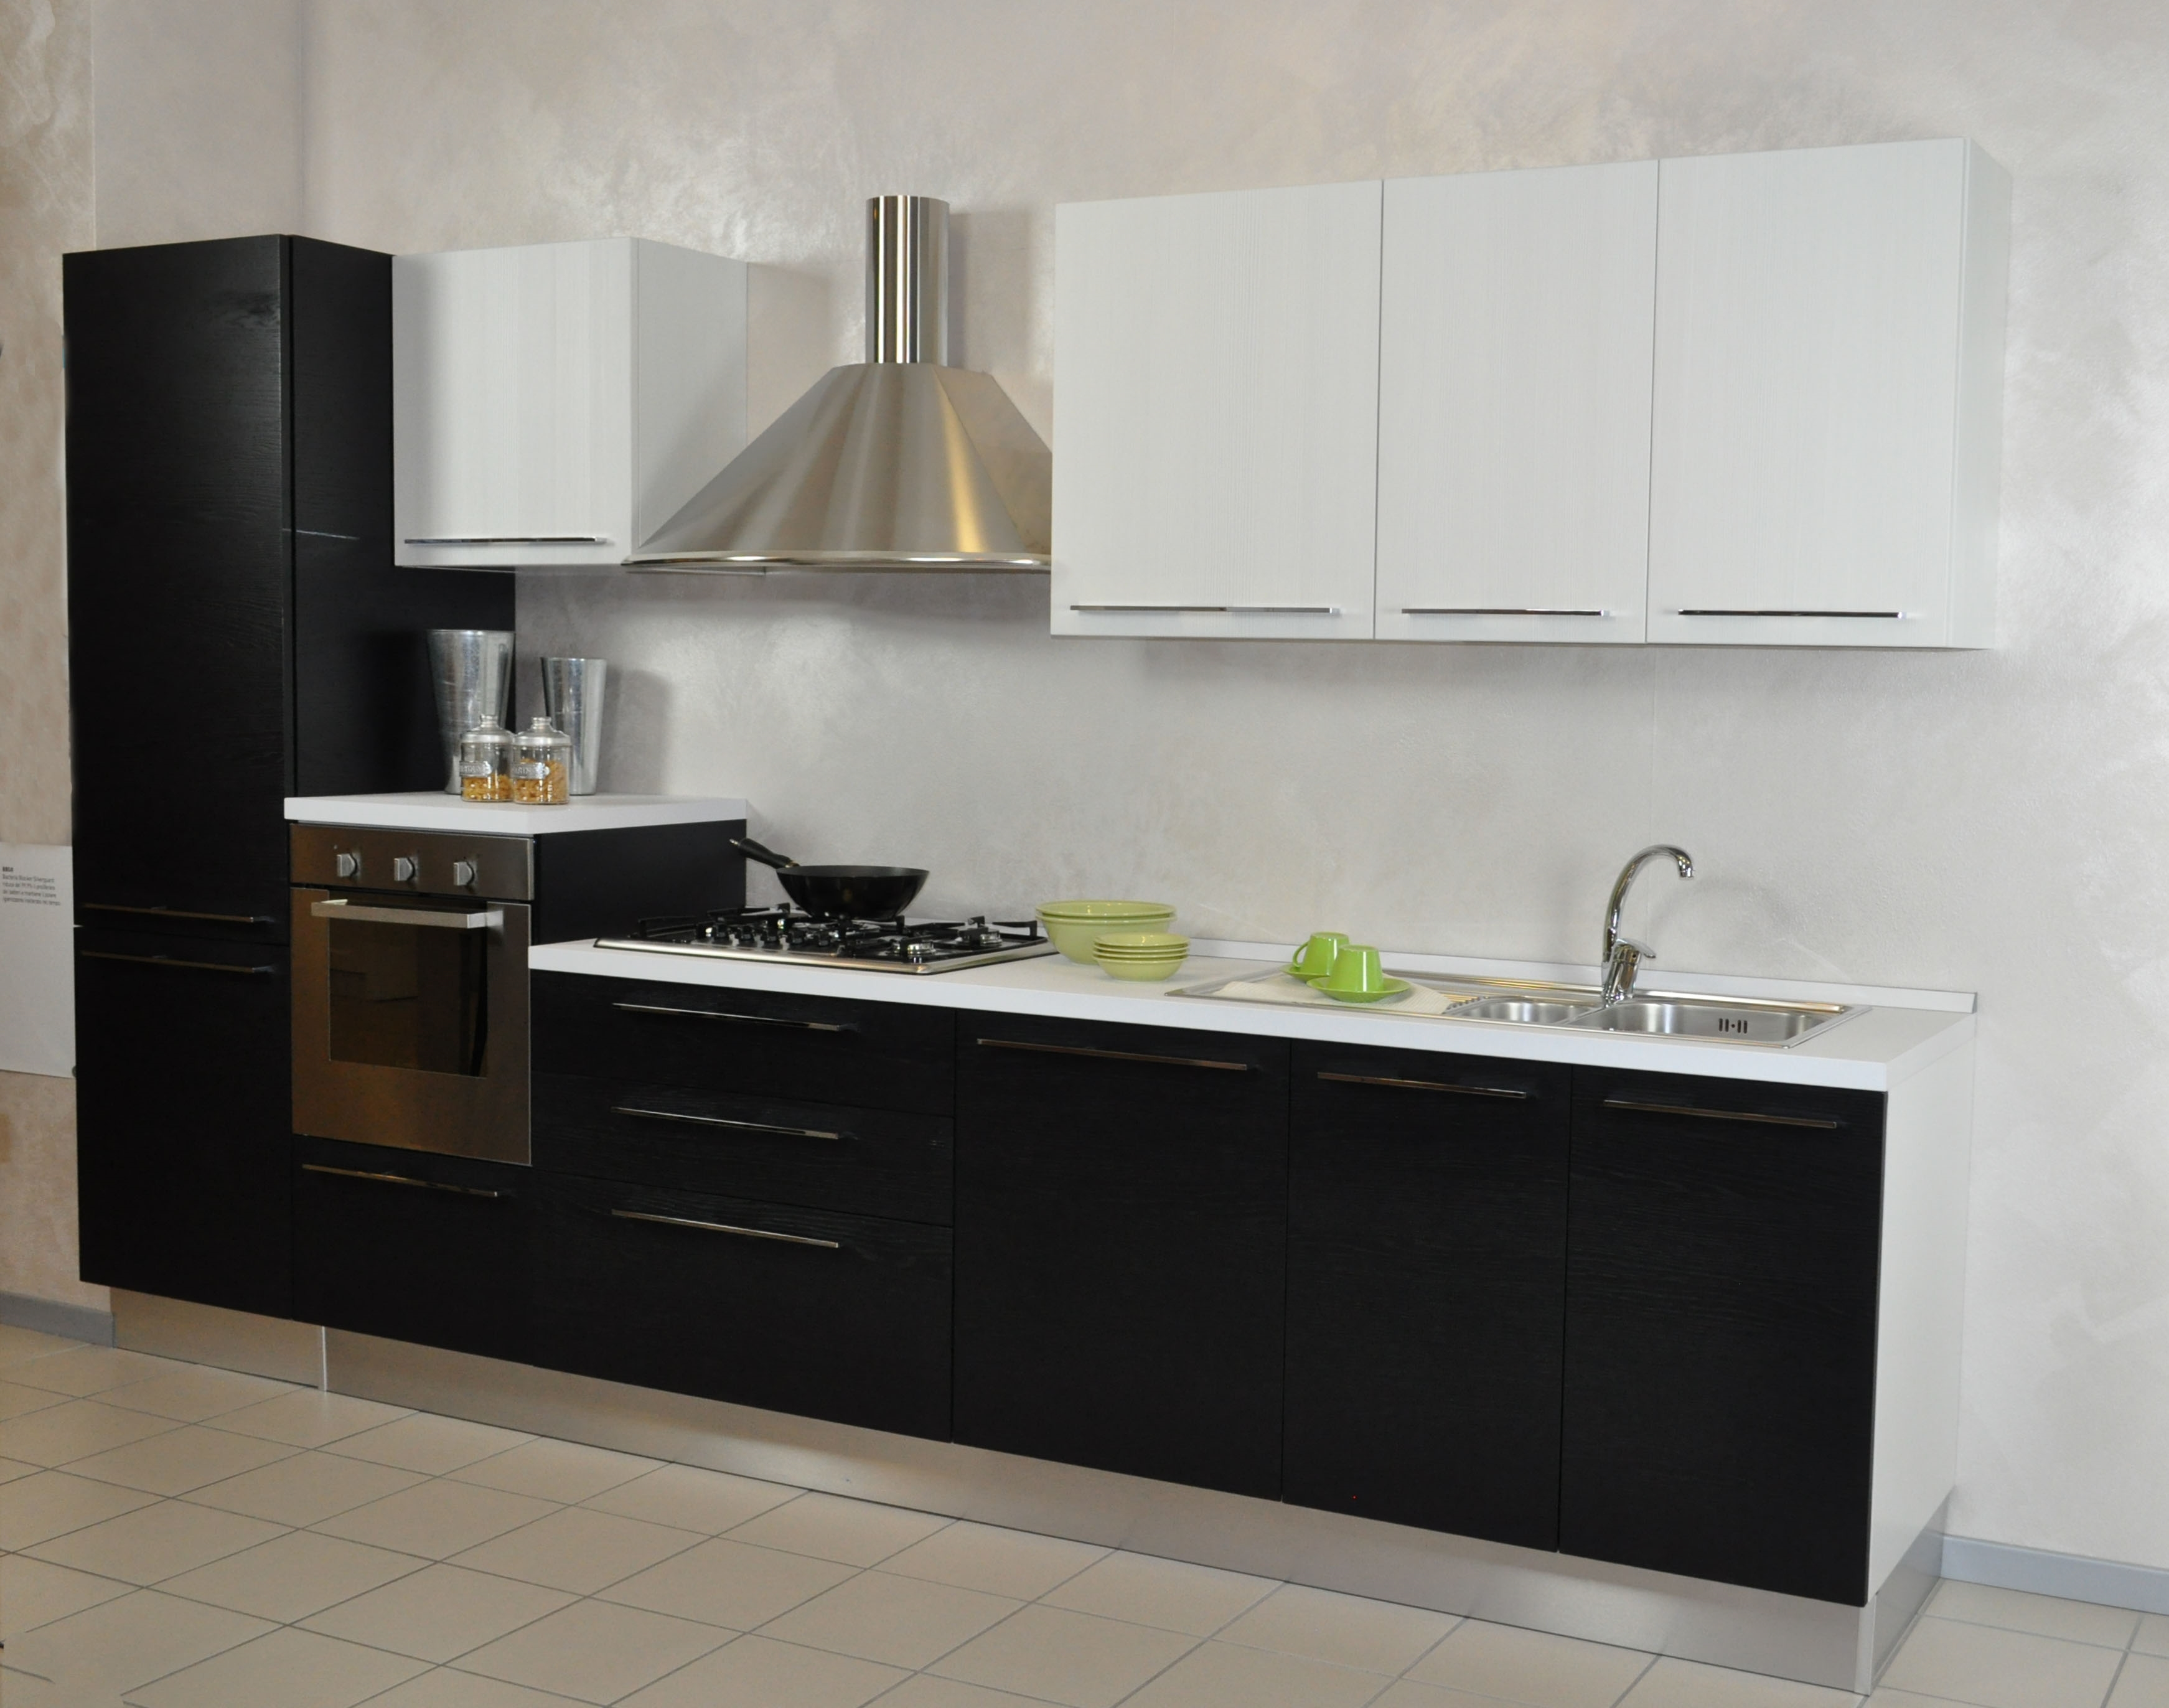 Cucina moderna lube nilde impiallacciata sconto del 47 for Top per cucine prezzi